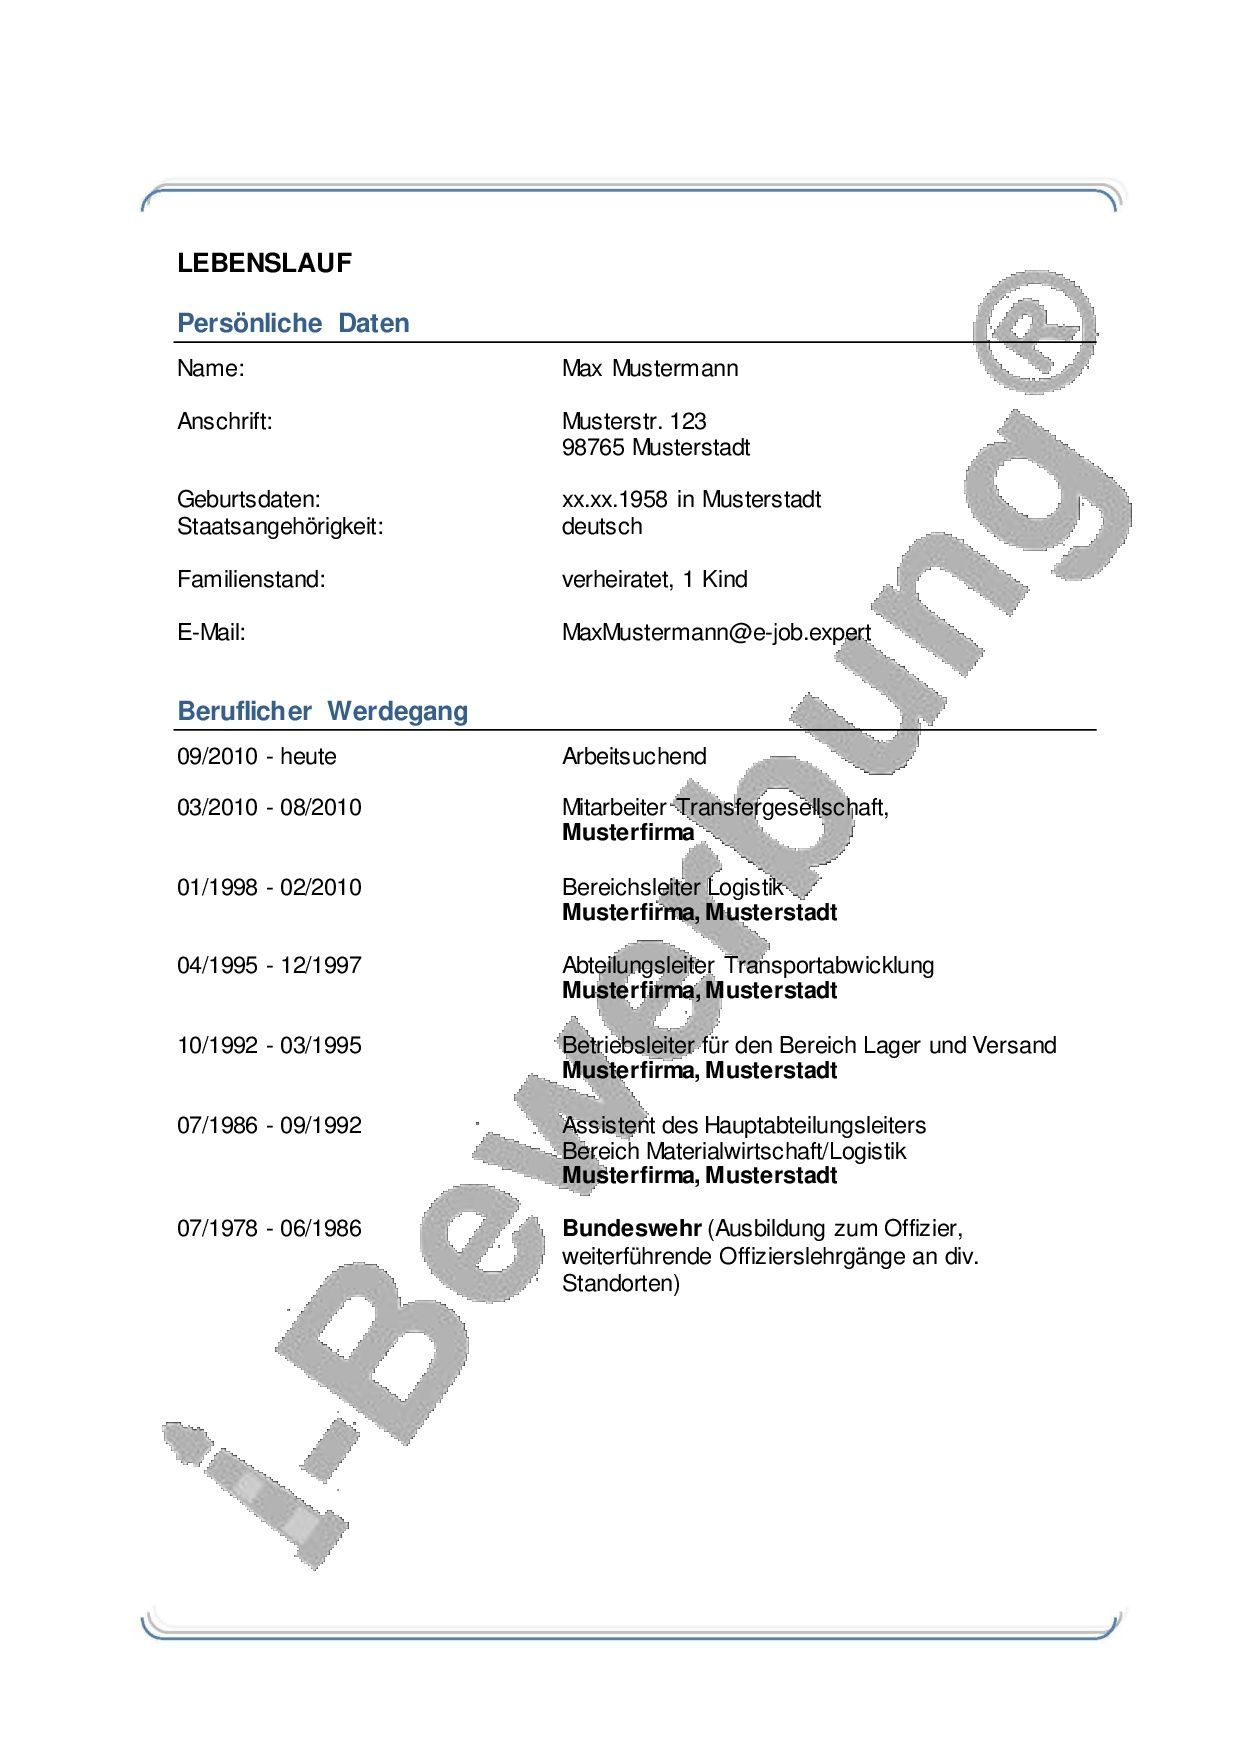 Charmant Verschiedene Arten Von Lebenslaufformat Pdf Galerie - Entry ...